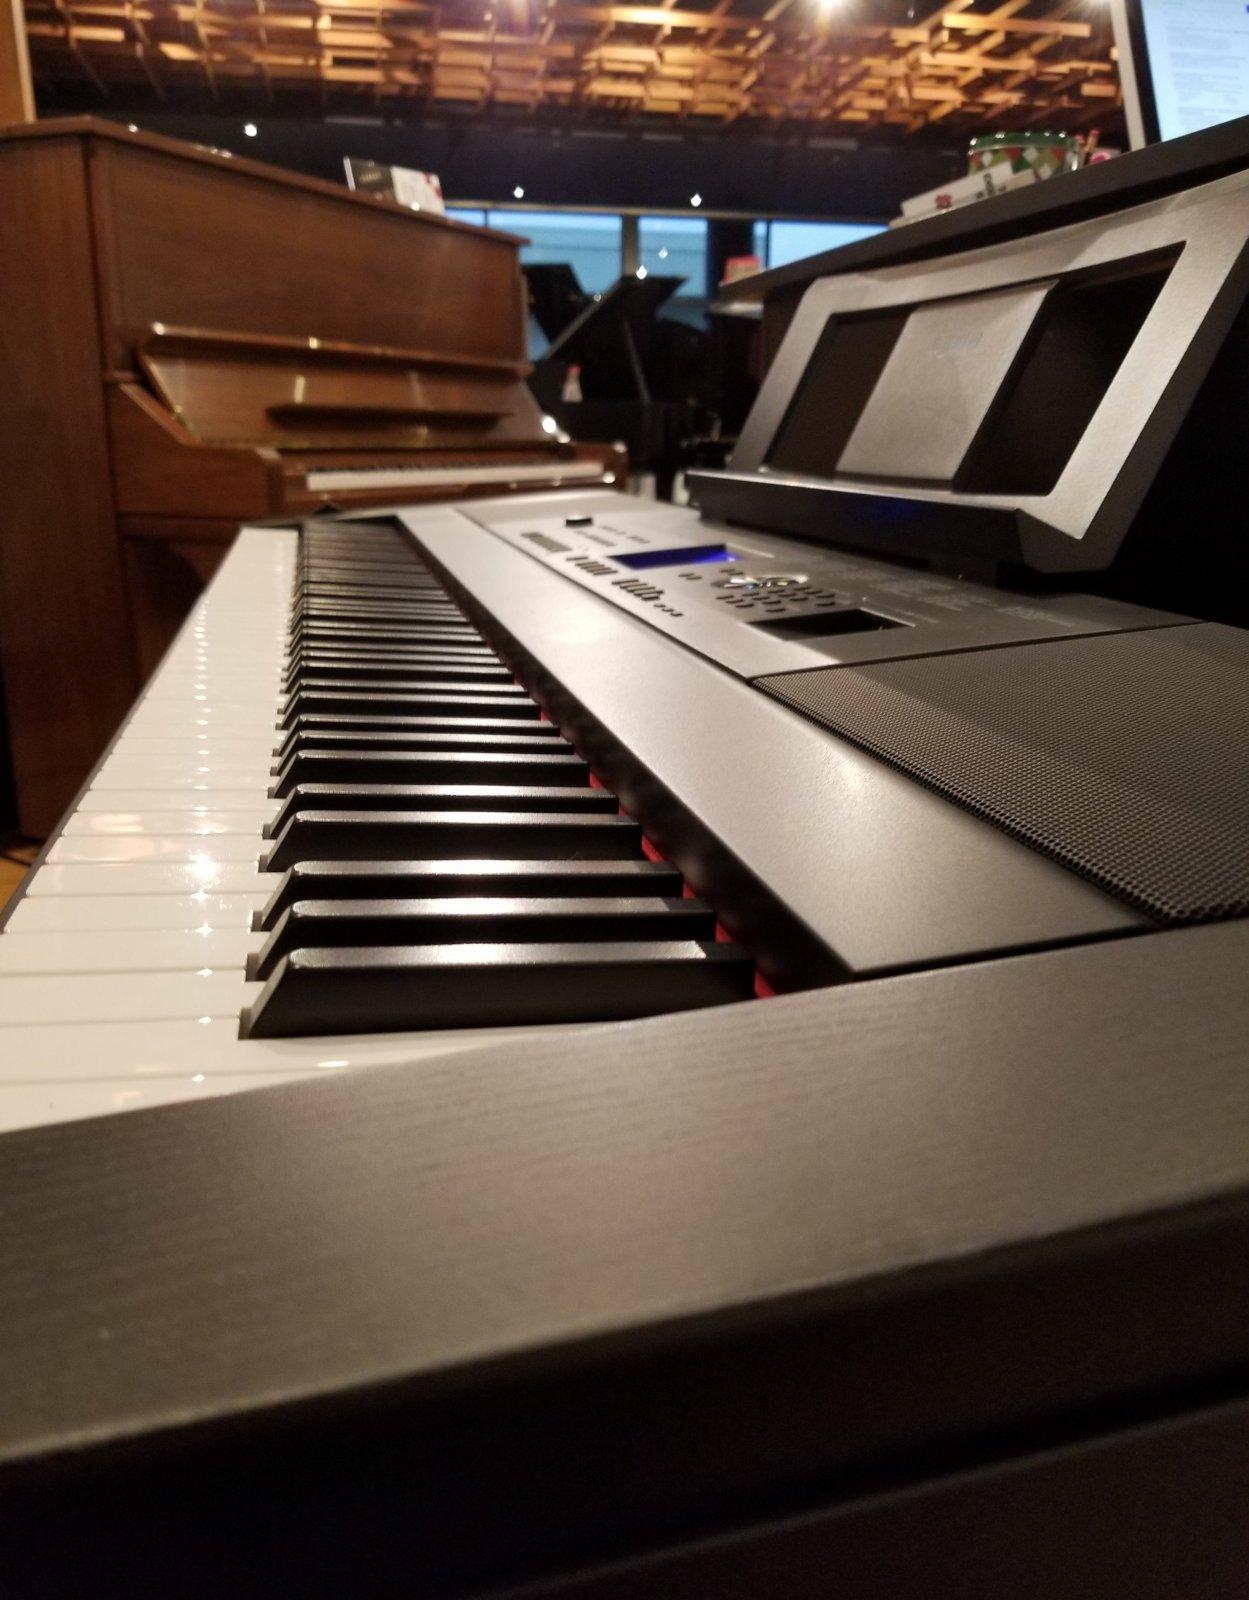 Yamaha DGX660B Digital Keyboard